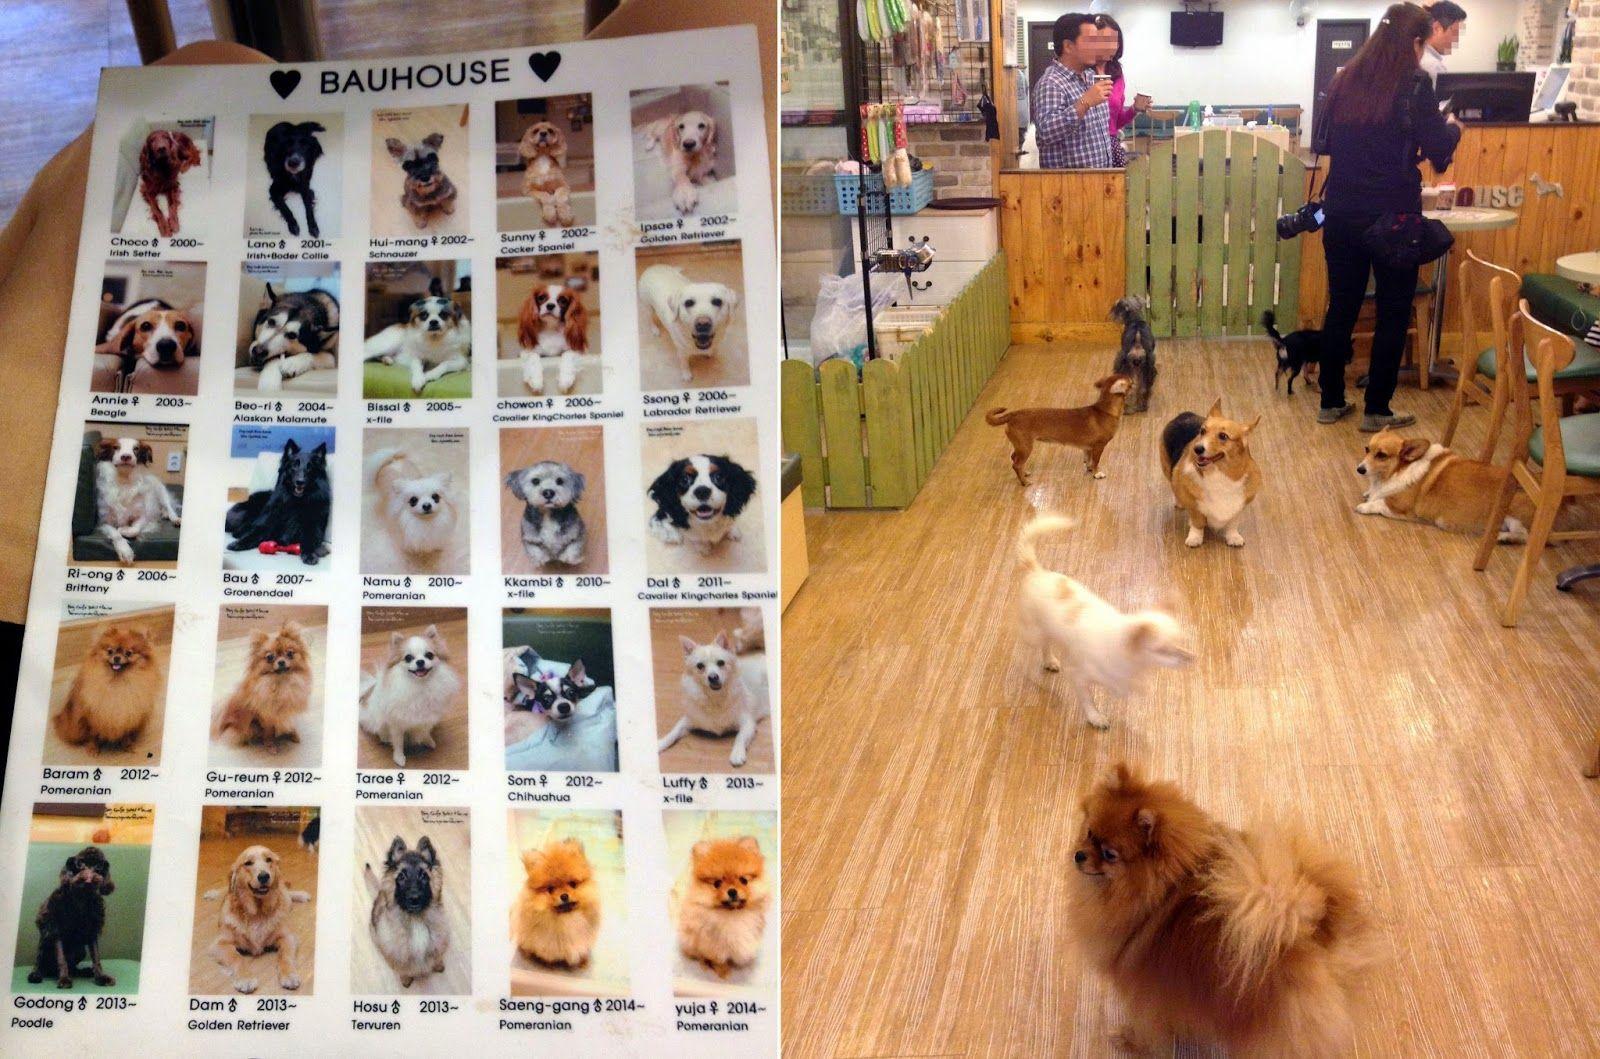 Bau House Dog Cafe Hongdae Seoul South Korea Dog Cafe Dog